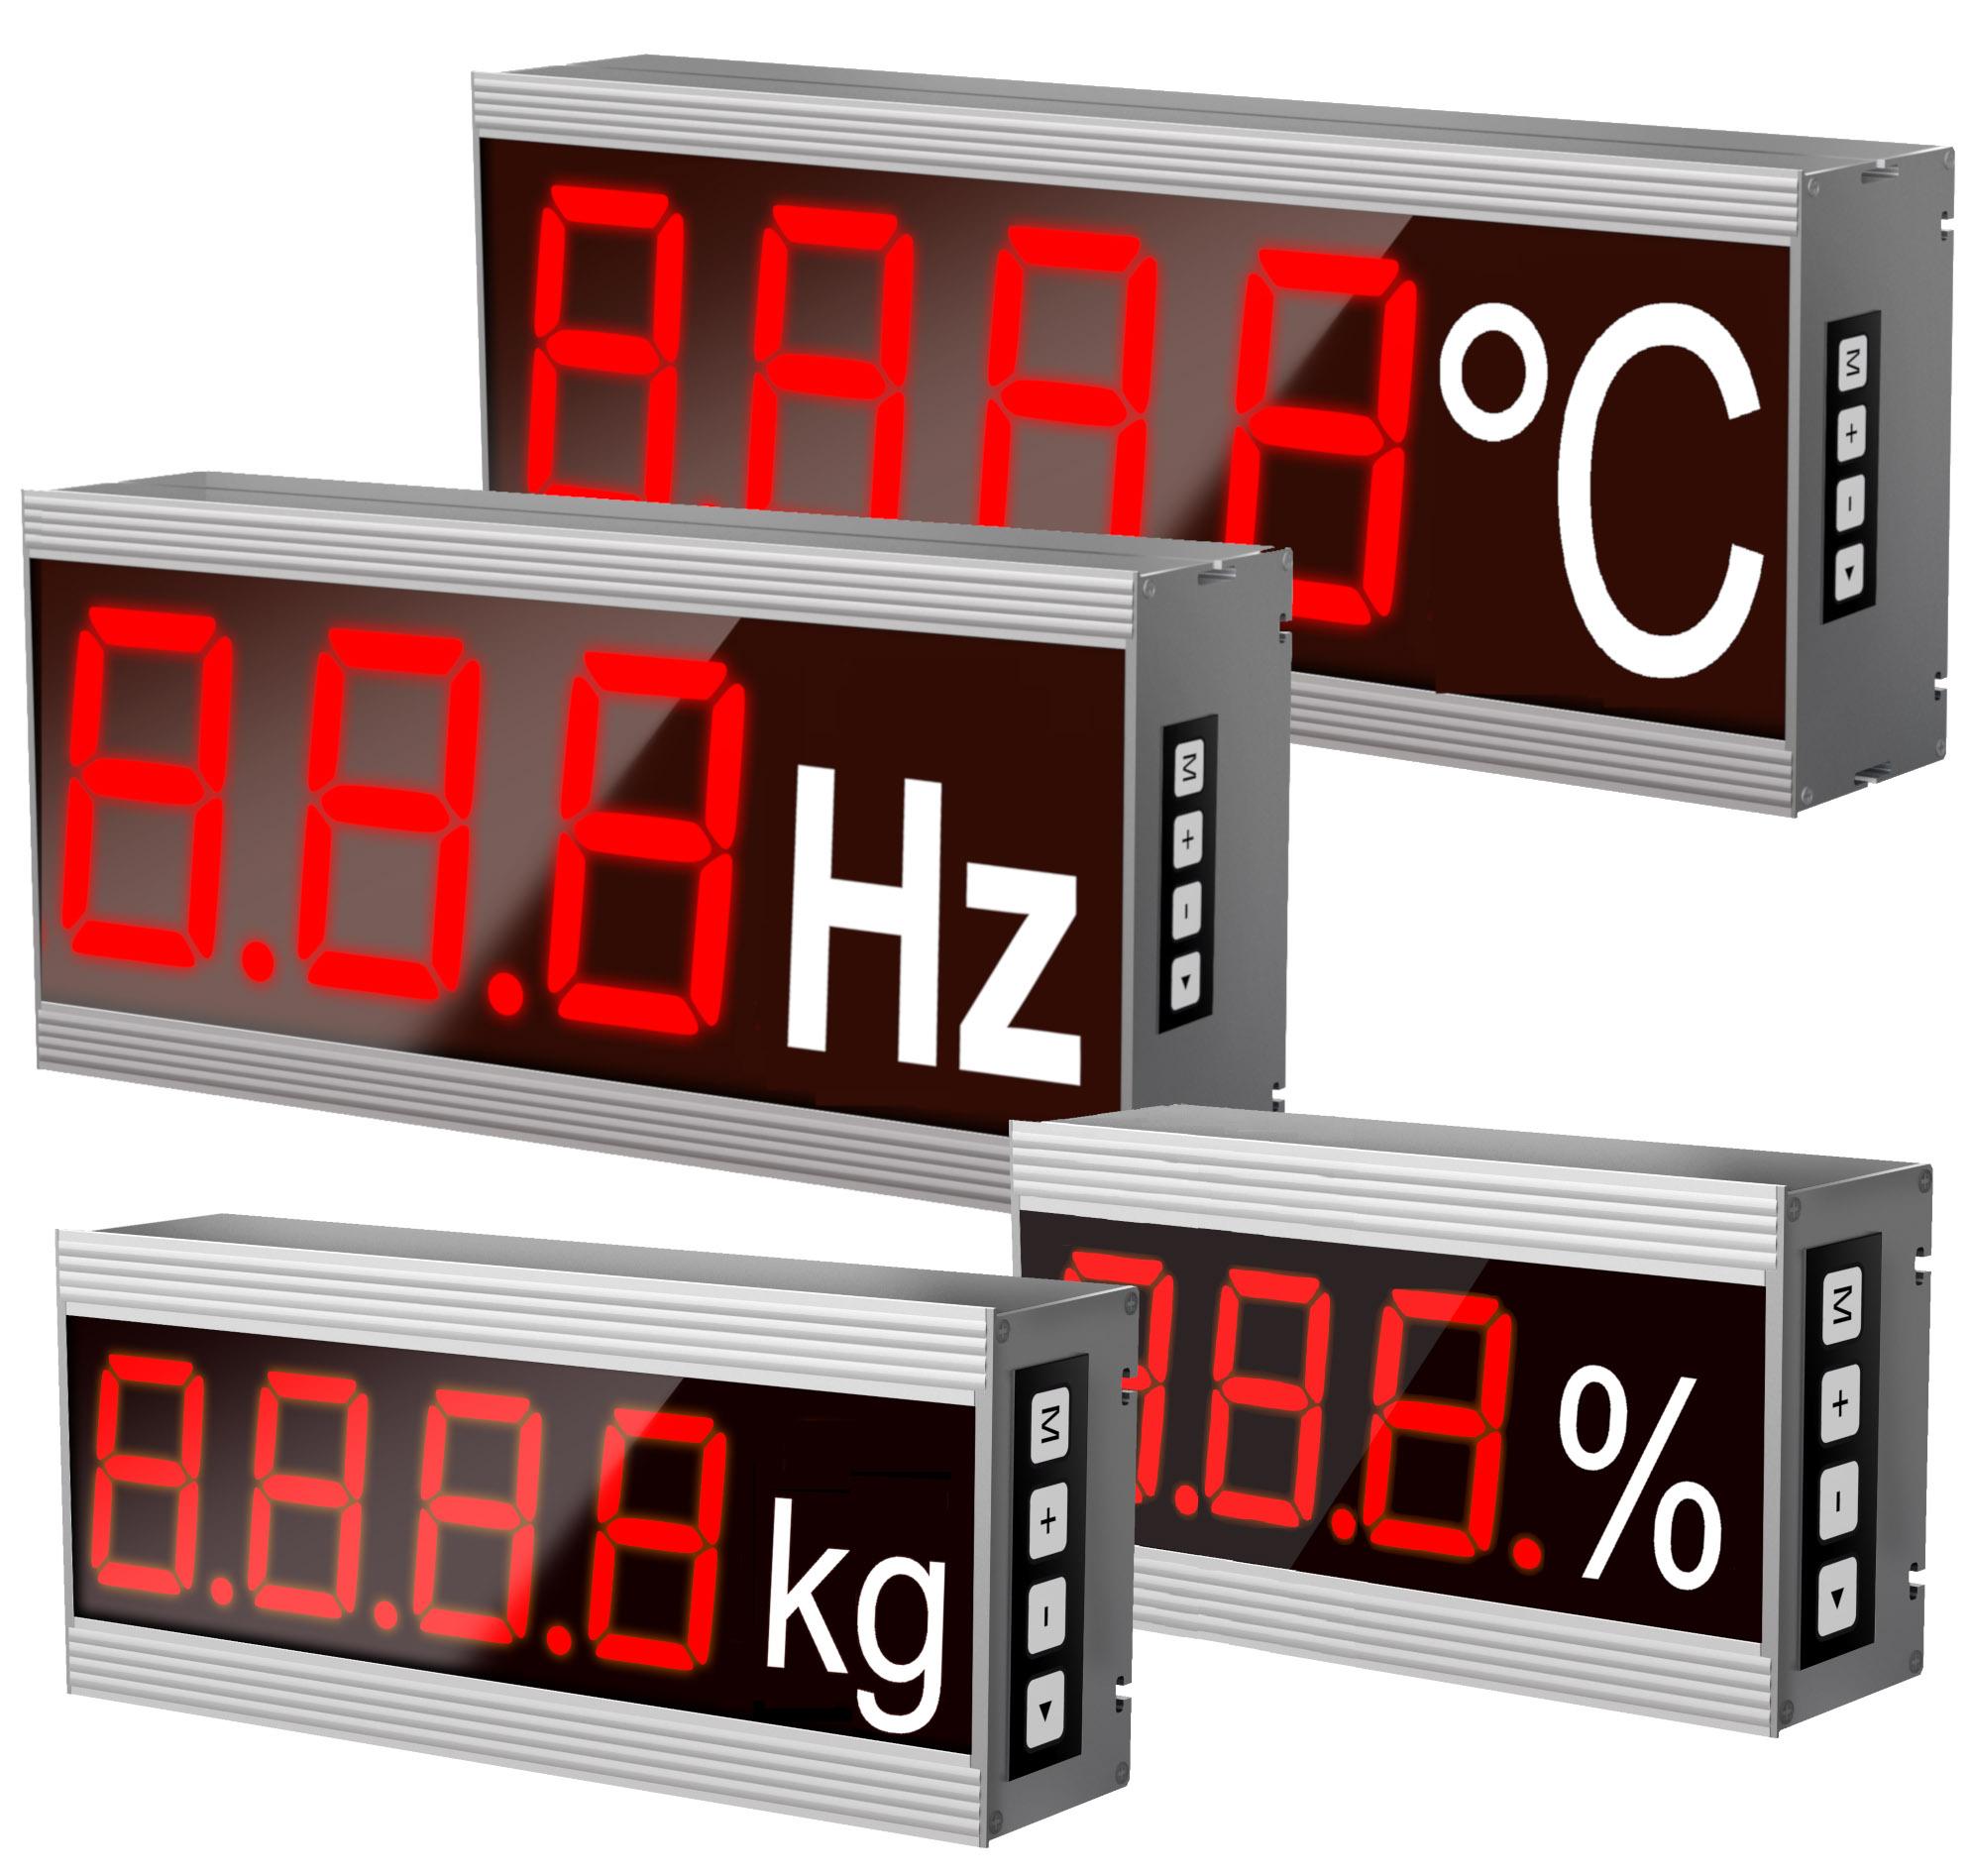 Numerische Großanzeigen, Stellenanzahl: 1-12 Stellen, Dimensionszeichen, Zeichengrößen: 40 bis 400 mm